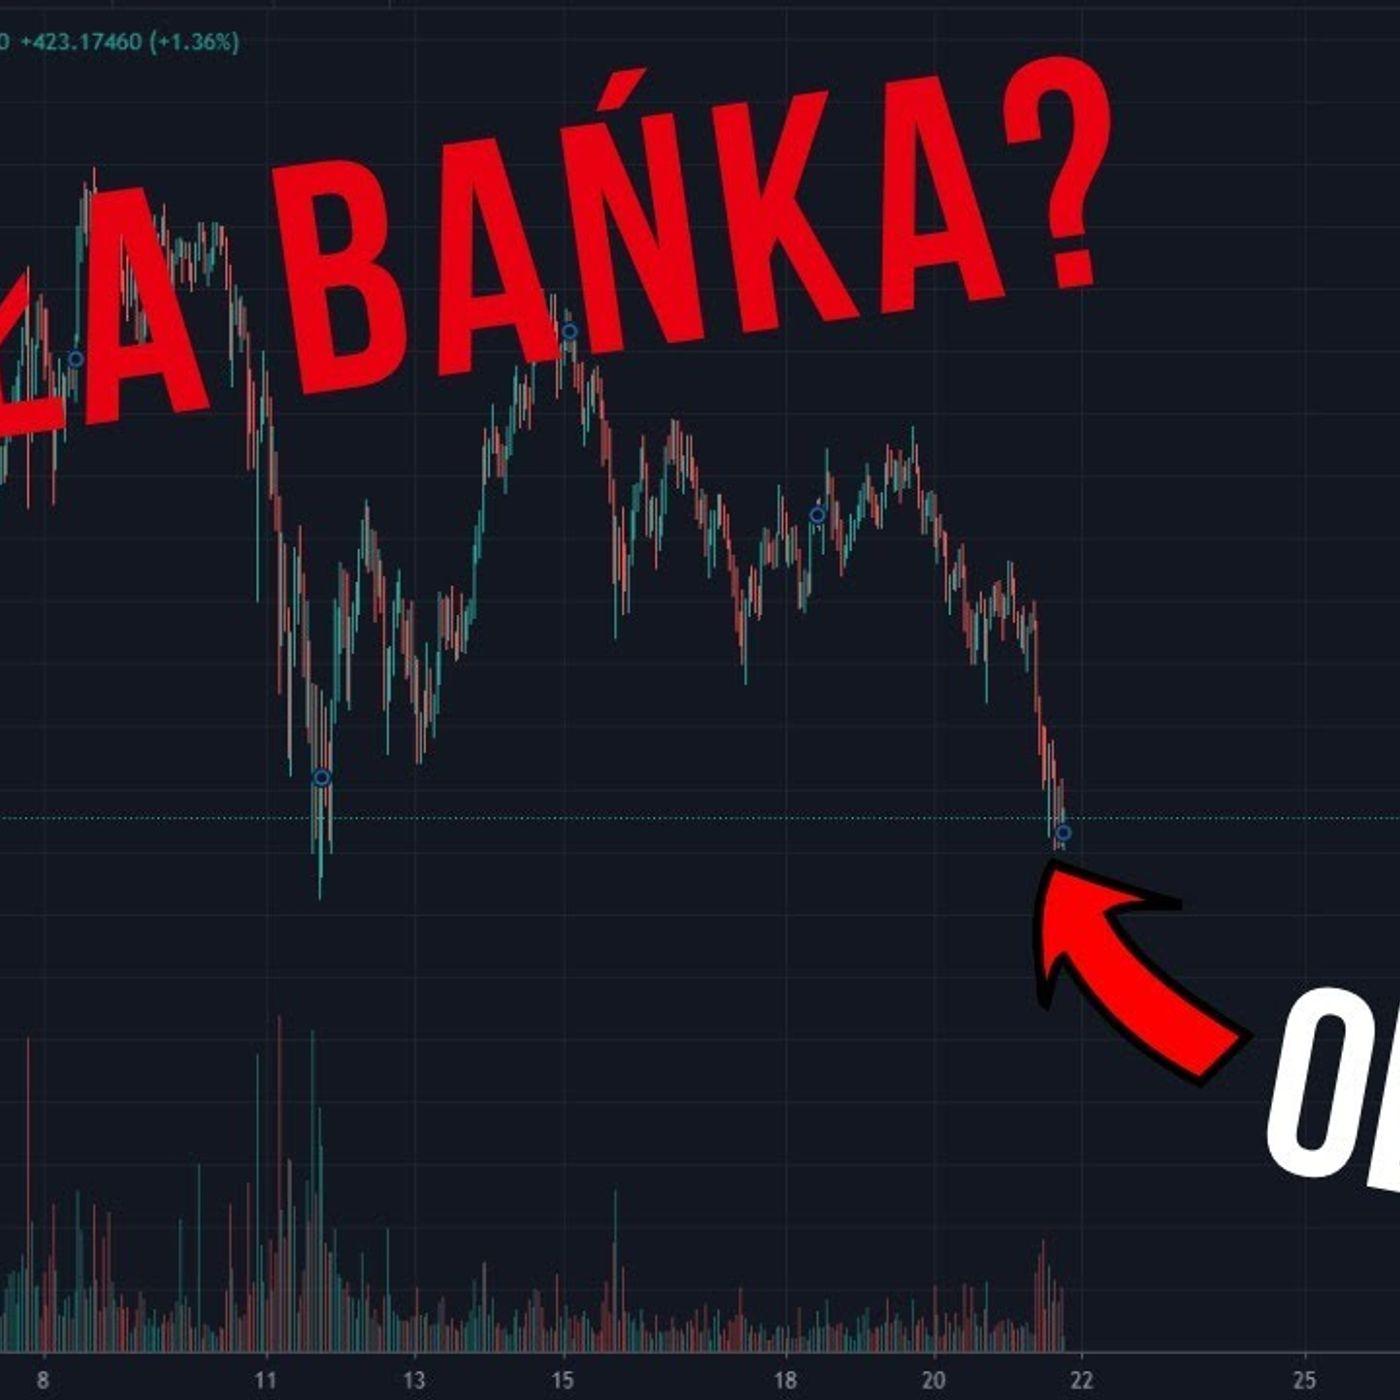 CO TAM W SIECI #158 | 21.01.2021 | To nie ostatni spadek BITCOINA. Bańka pękła? Jak zabezpieczyć inwestycję w kryptowaluty?